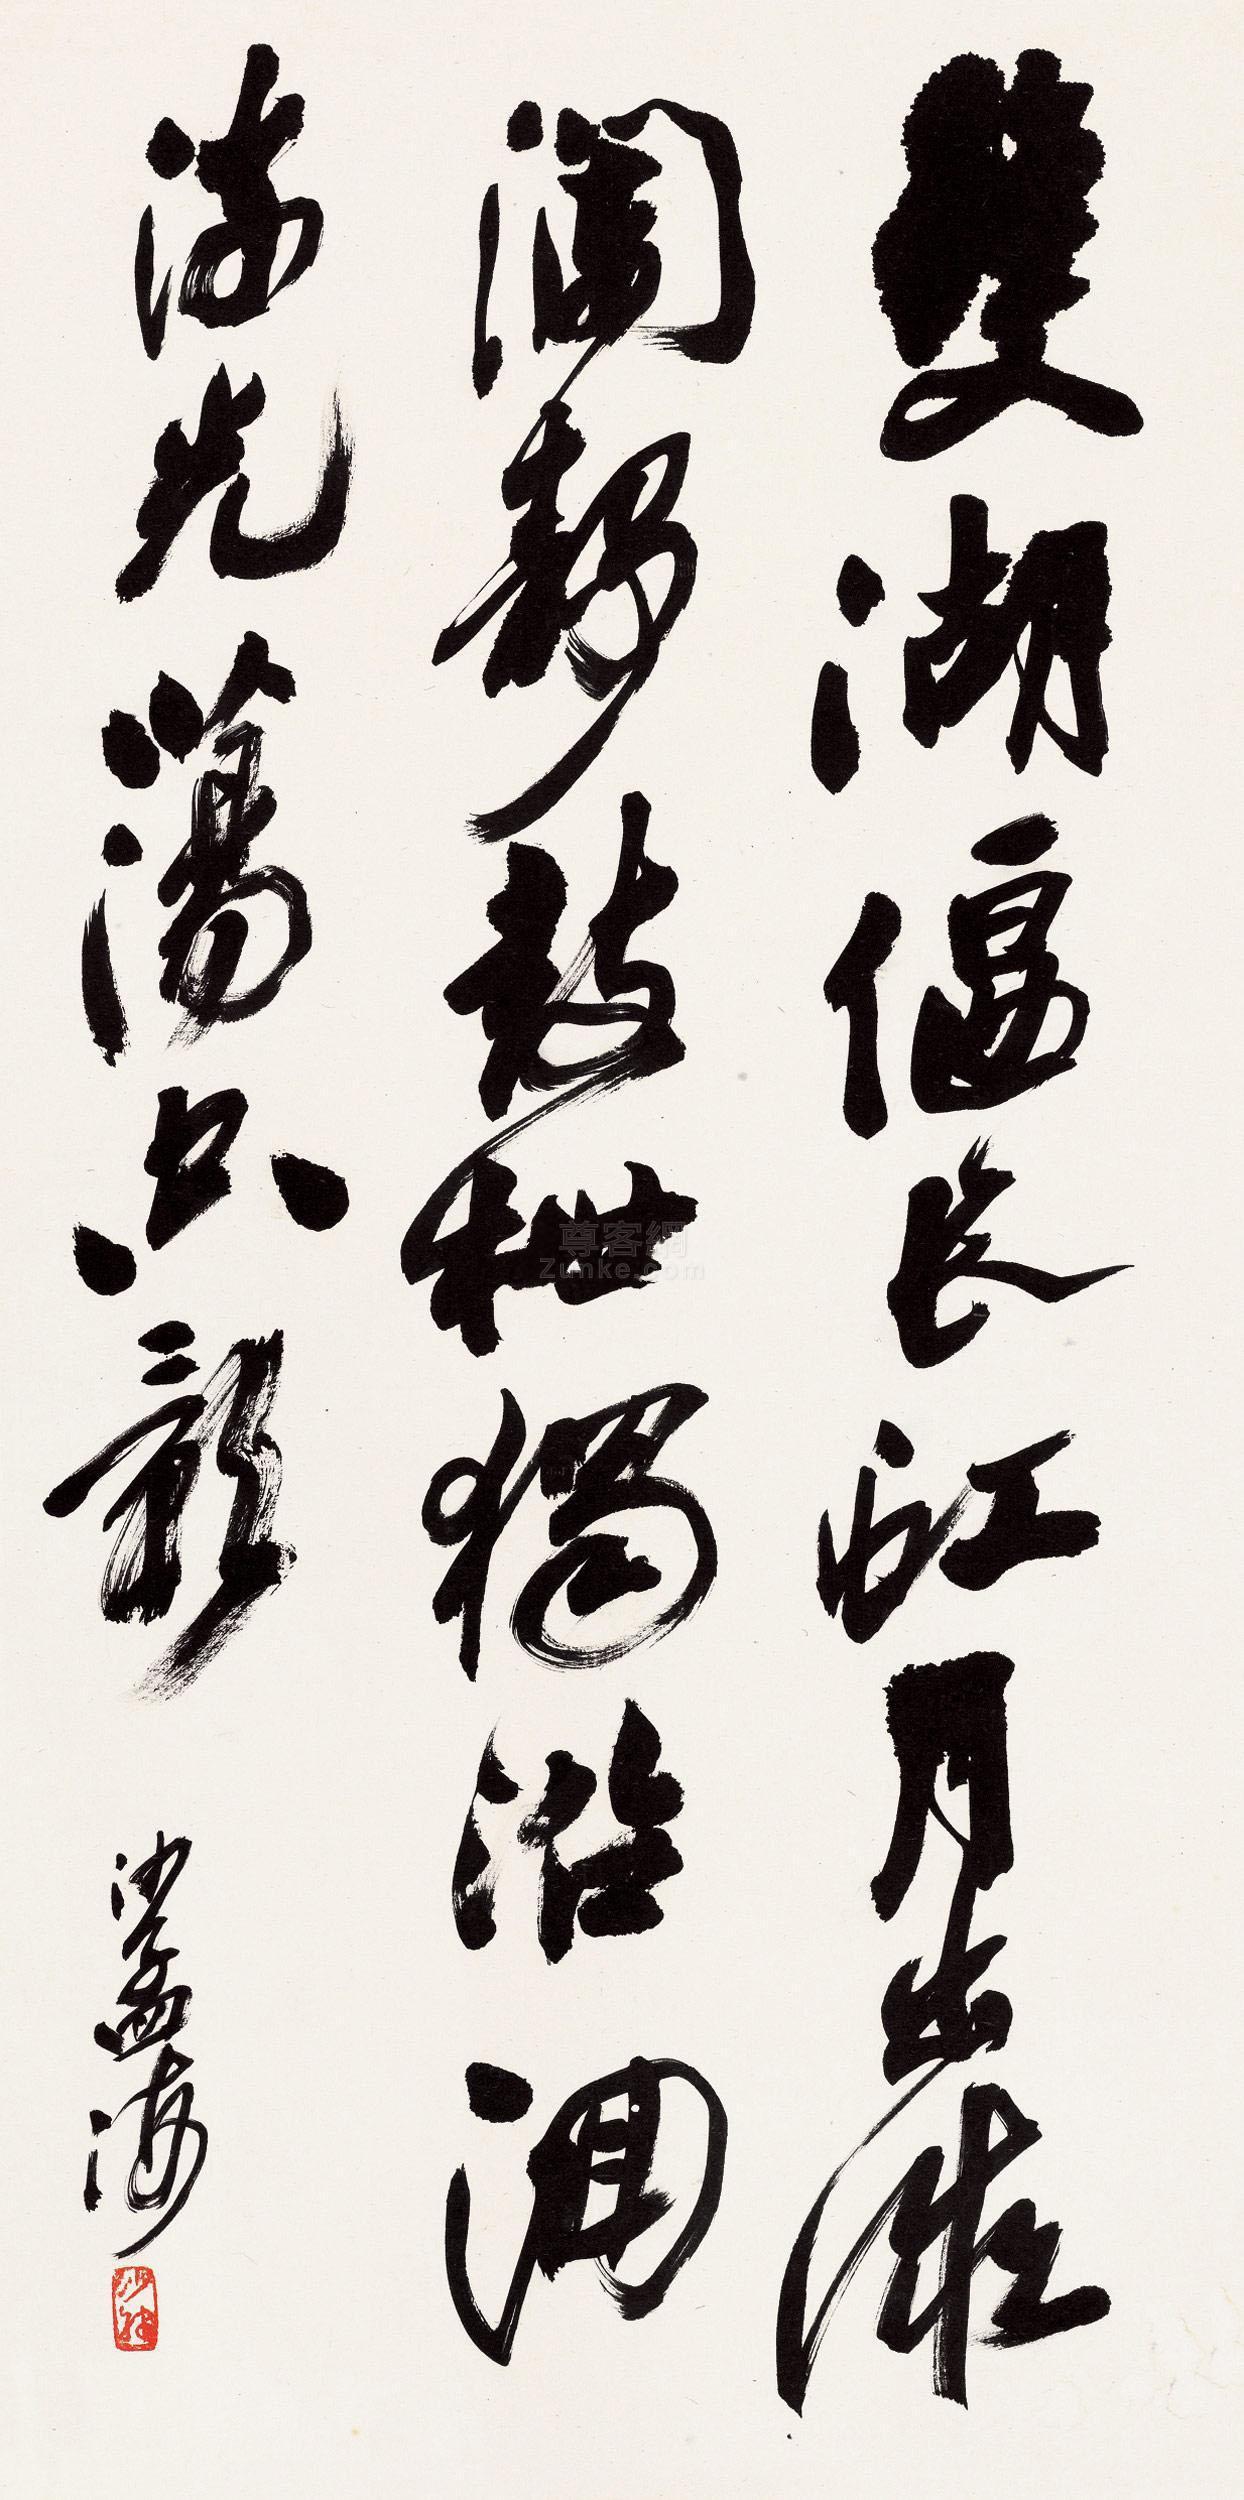 沙孟海沙孟海 书法 立轴 水墨纸本沙孟海艺术作品大全